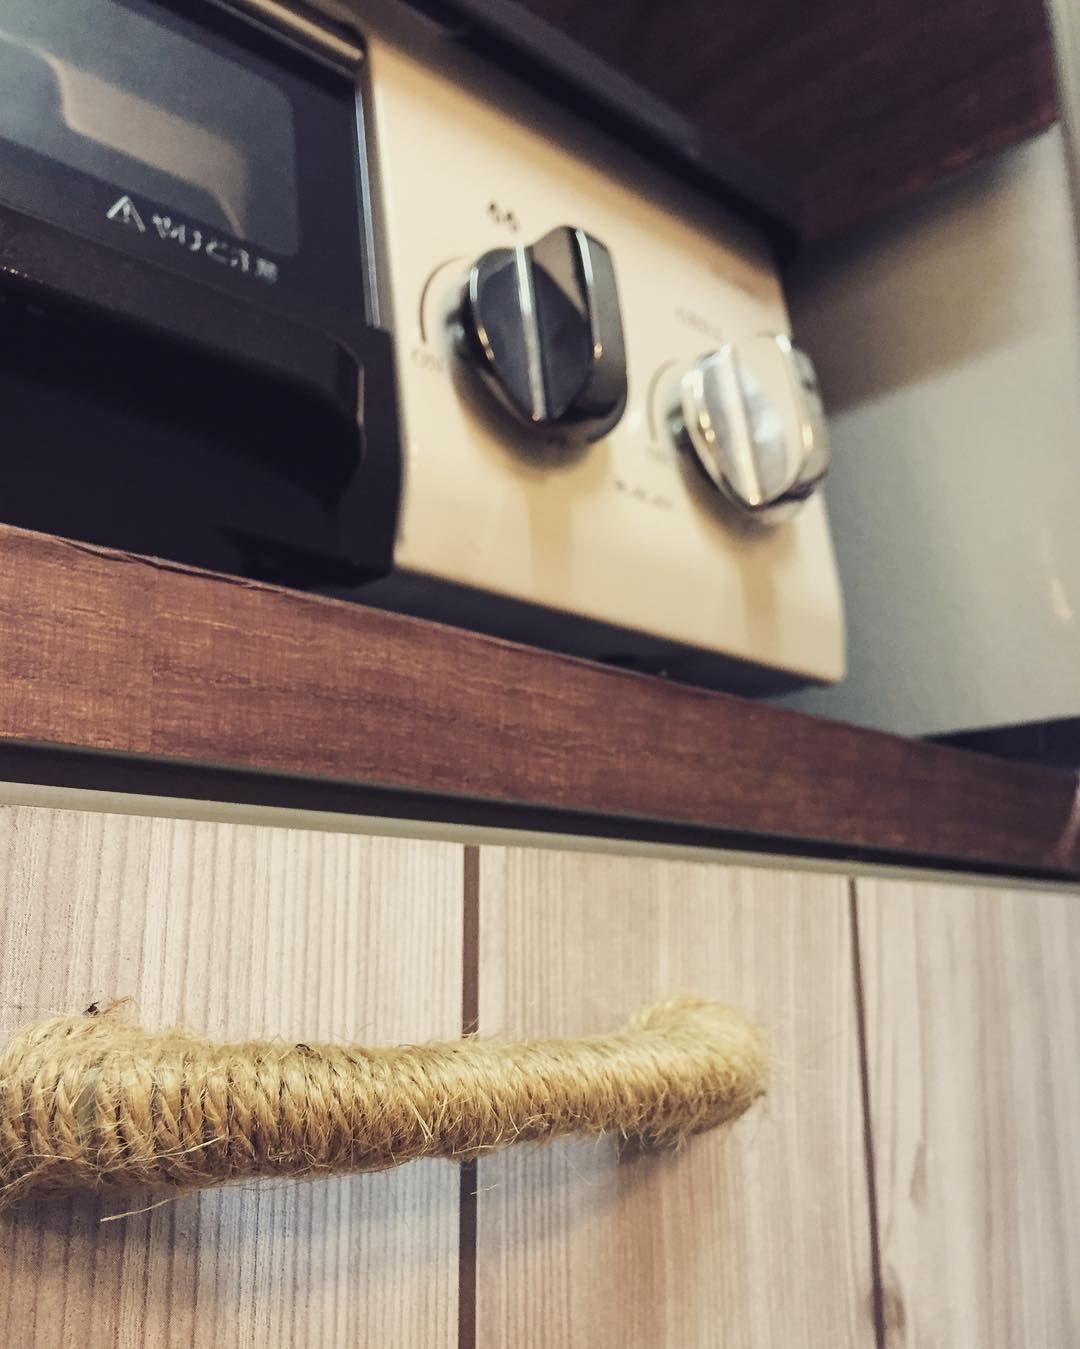 サイズが合う取っ手がなかなか見つからず 麻紐を巻いてみたら意外にしっくりきた  #リメイク #100円ショップ #キャンドゥ #セリア #リメイクシート #キッチン #ガスコンロはcaferi #お気に入りで毎日磨いてる #caferi #麻紐 #DIY by vivico.rie